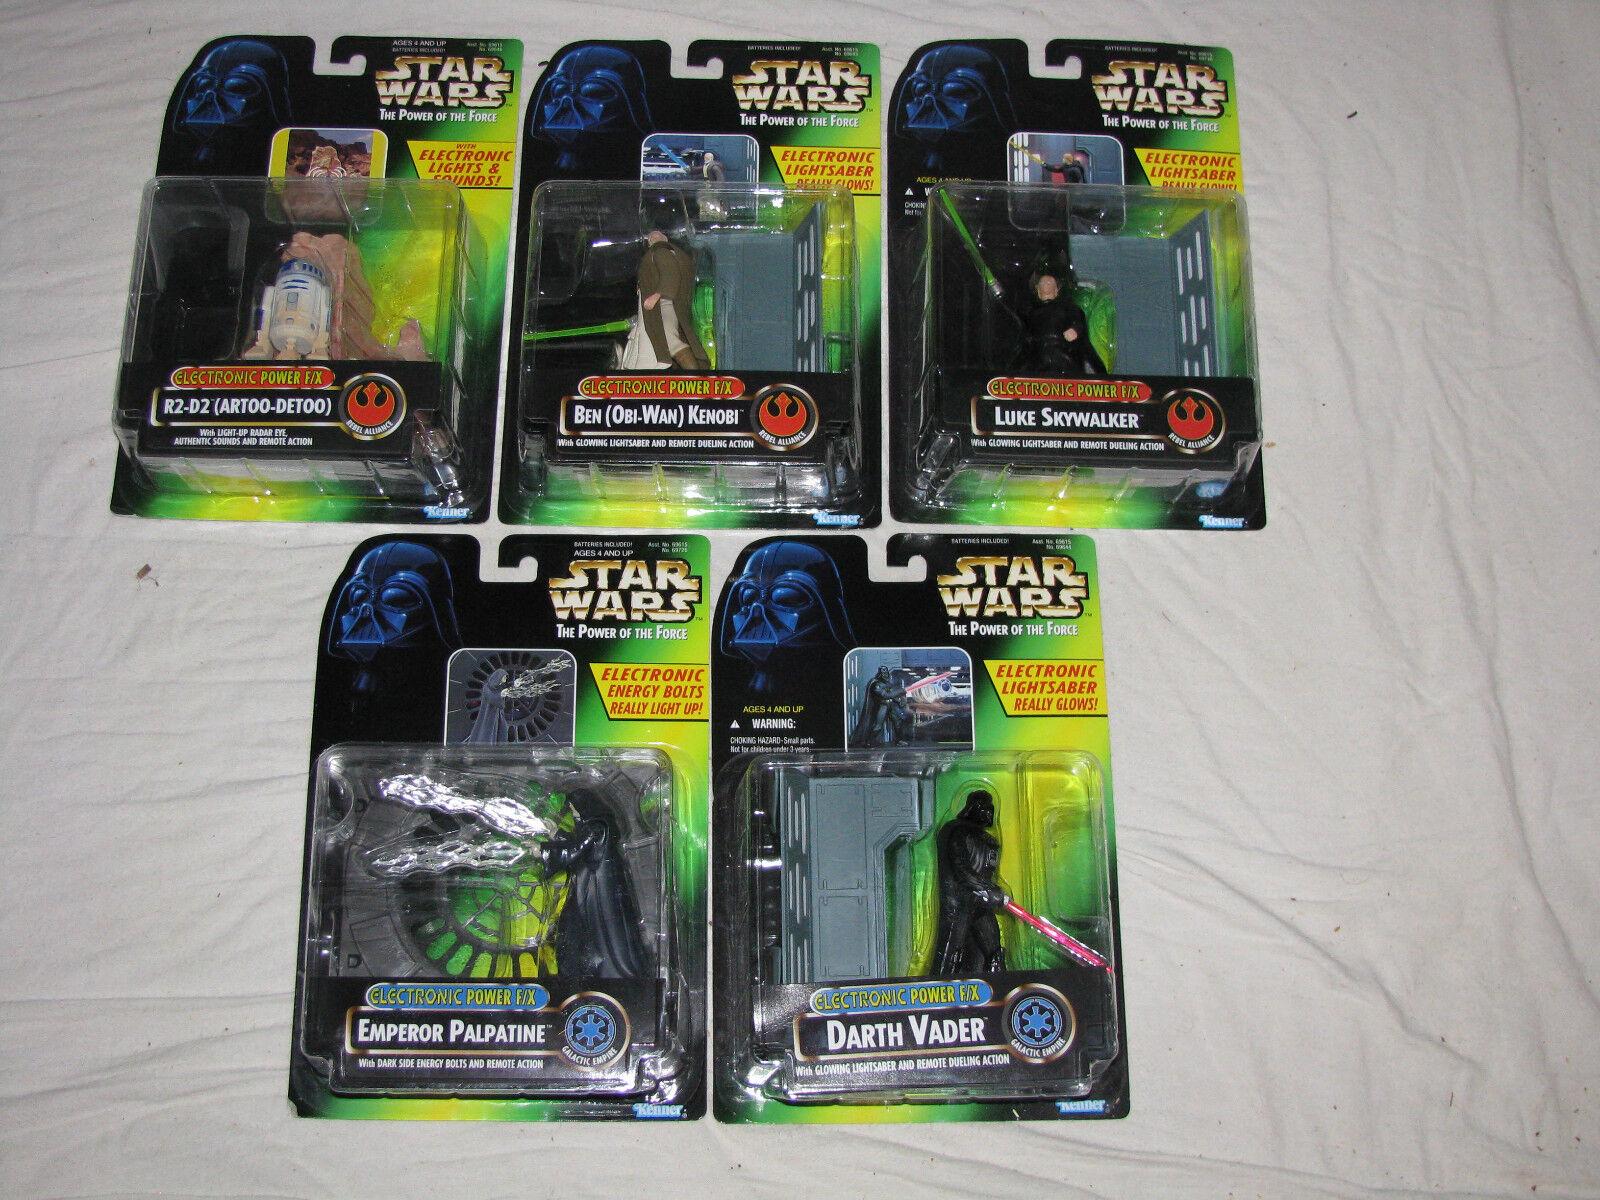 Star - wars - elektronik macht f   x - obi - wan kenobi, darth vader, r2 - d2, palpatine, luke.